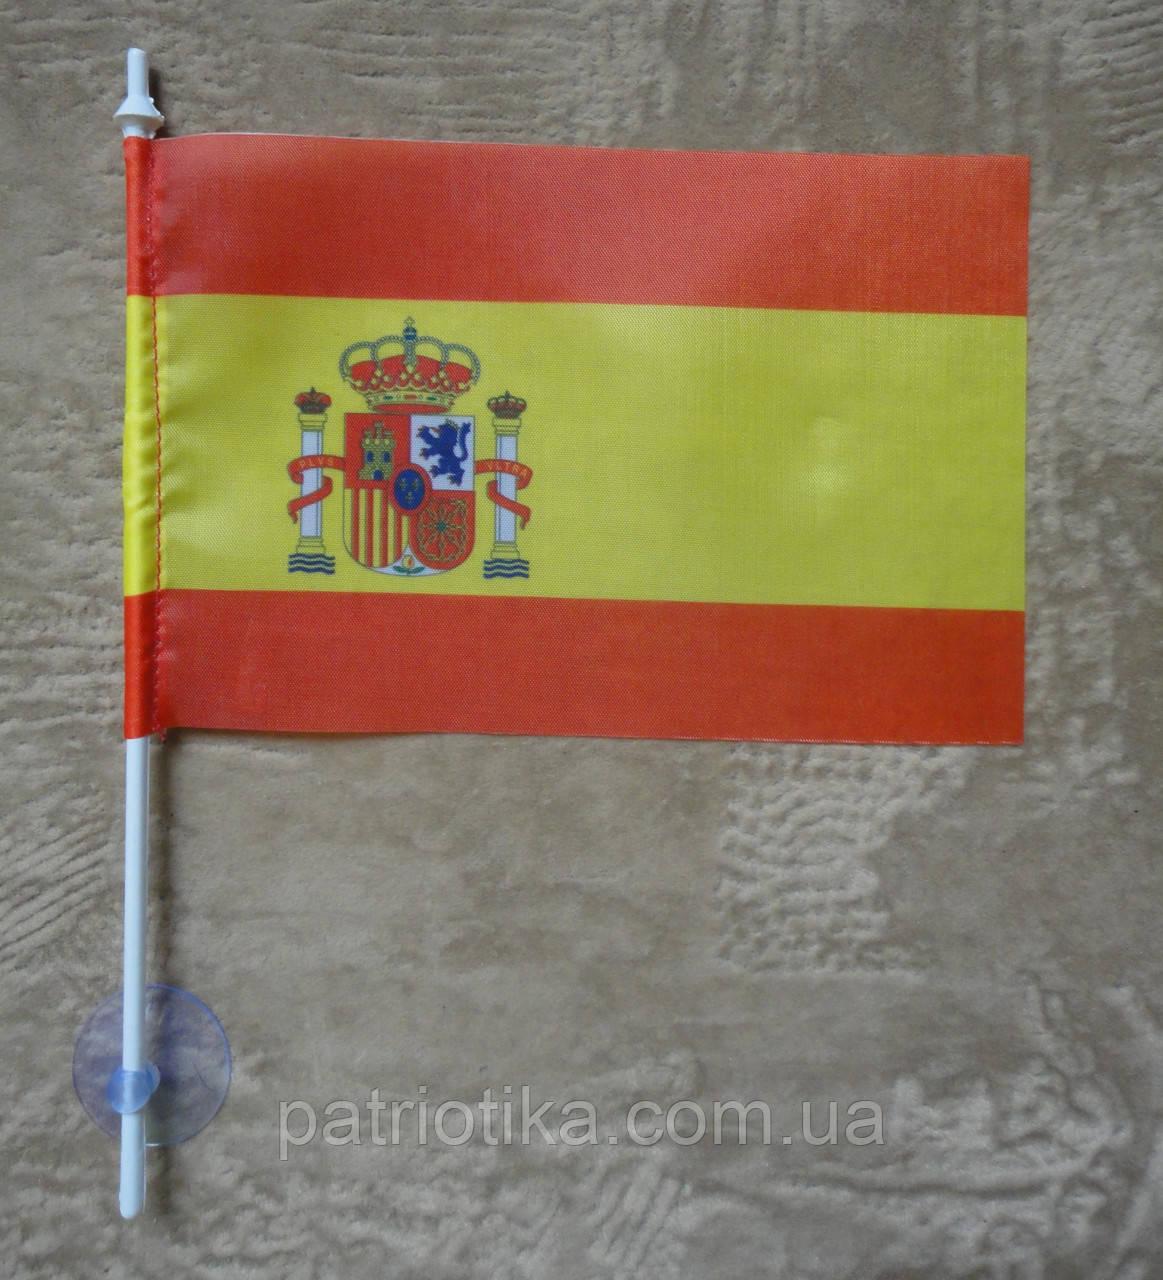 Флажок Испании | Прапорець Іспанії 10х15 см полиэстер